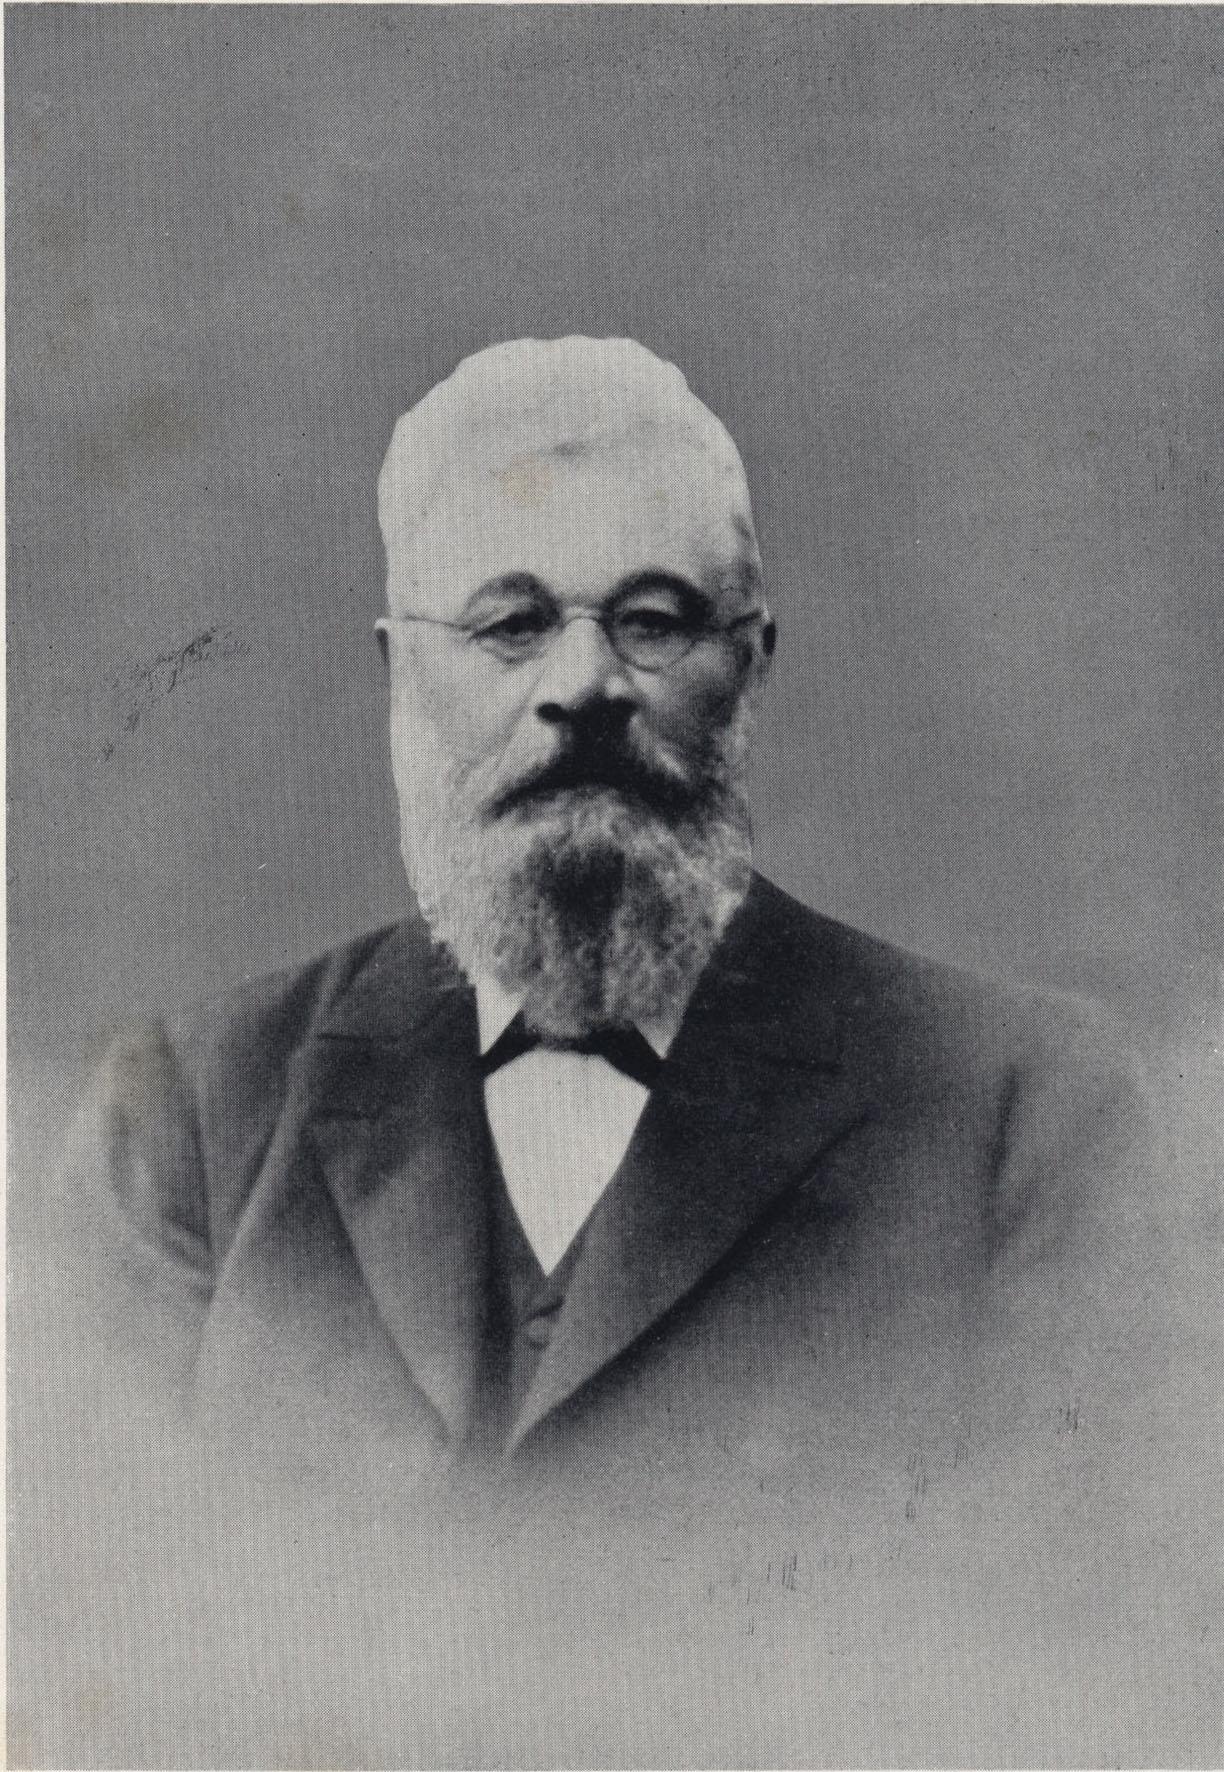 Petter Adolf Karsten